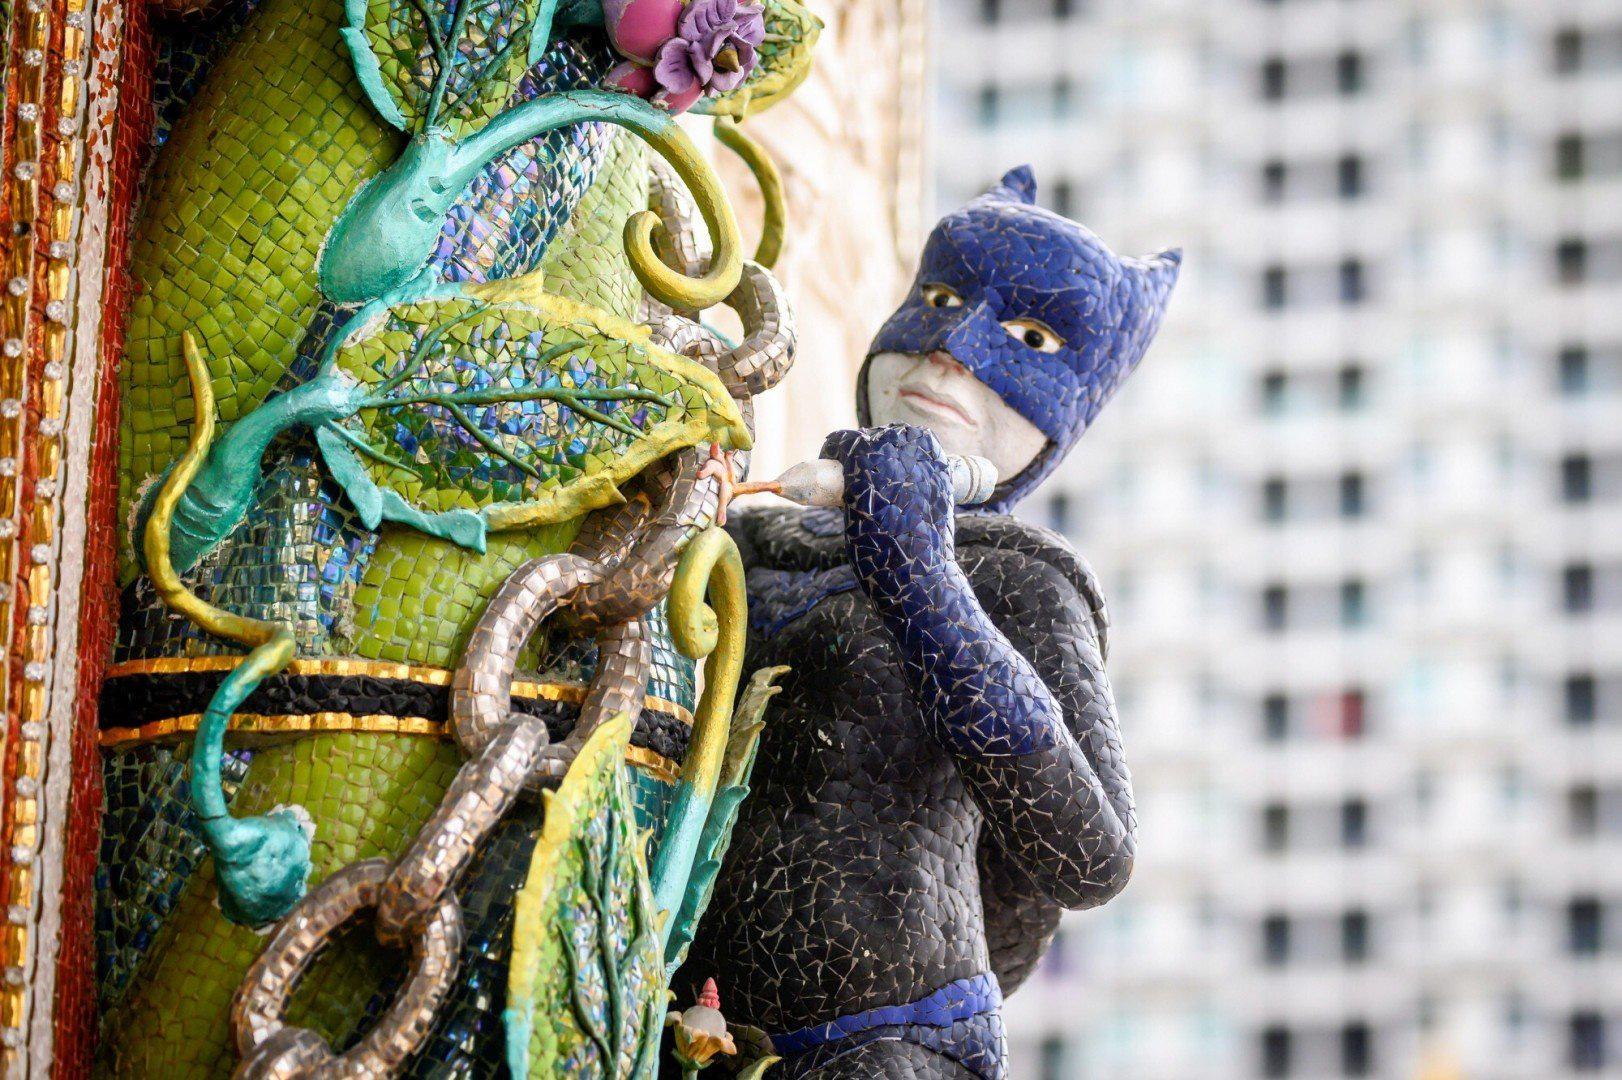 """""""Đền David Beckham"""" ở Thái Lan gây bất ngờ với toàn tượng siêu anh hùng và nhân vật hoạt hình - Ảnh 5."""